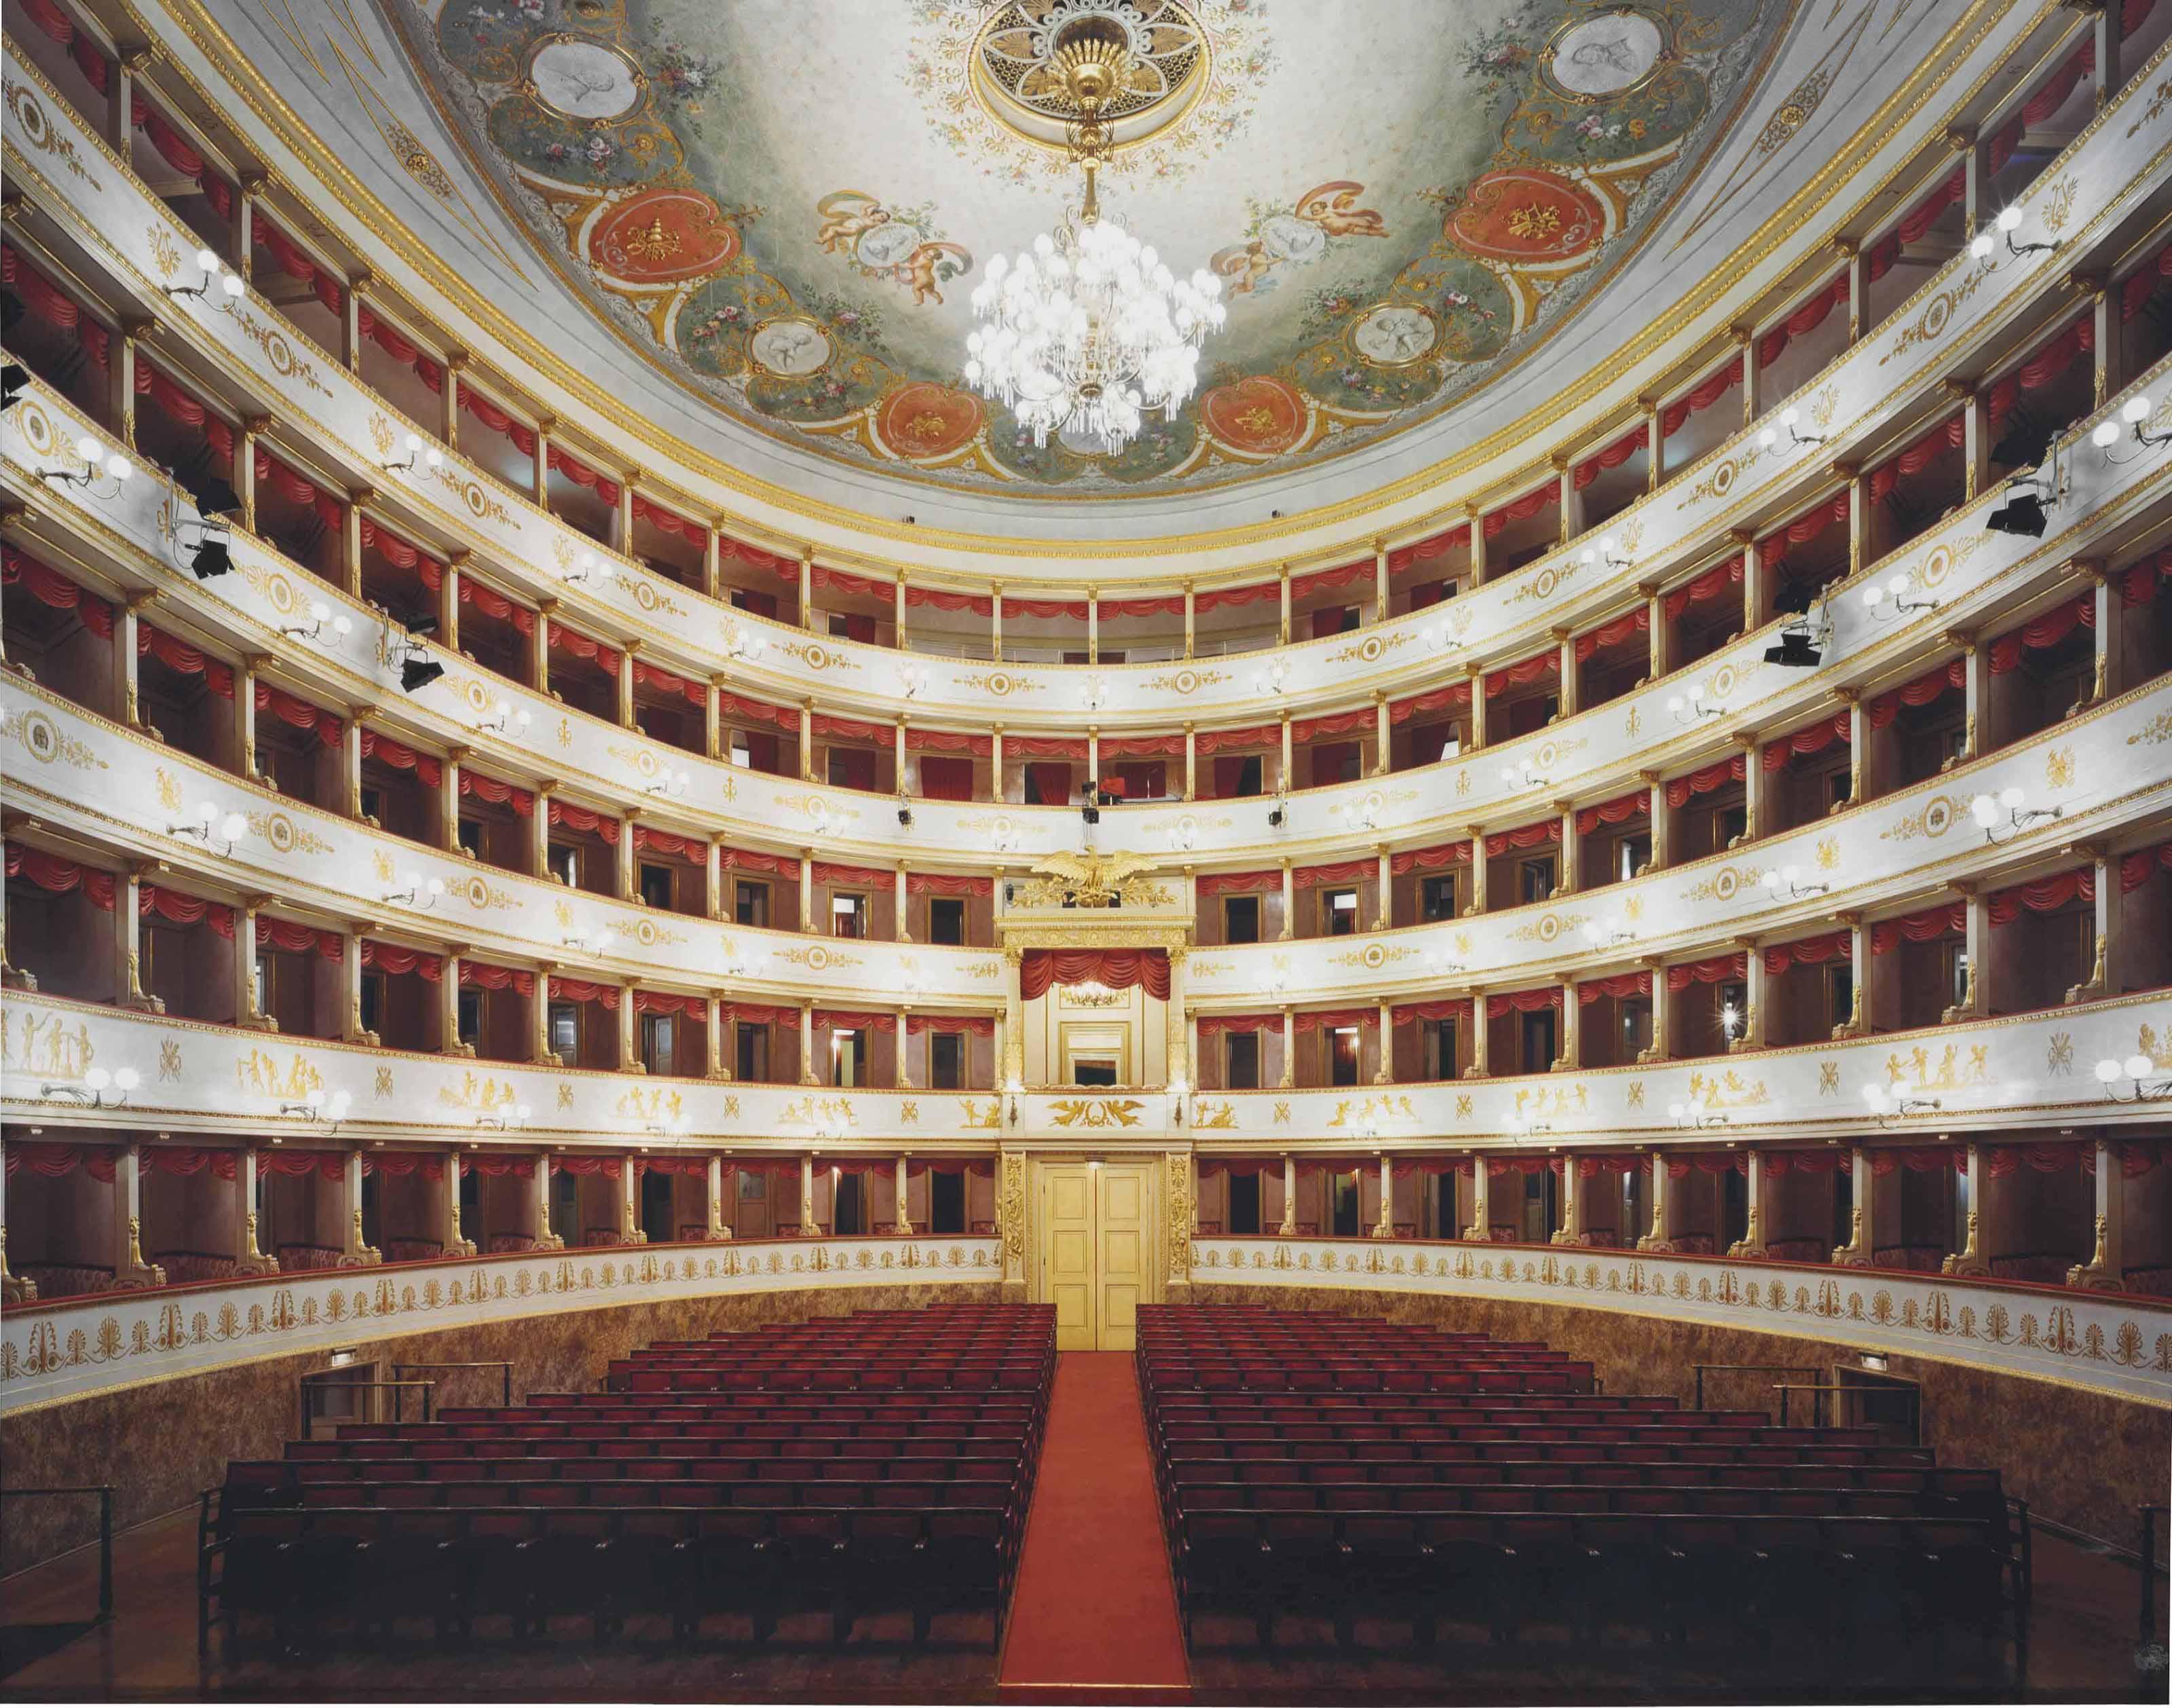 Teatro Comunale, Modena